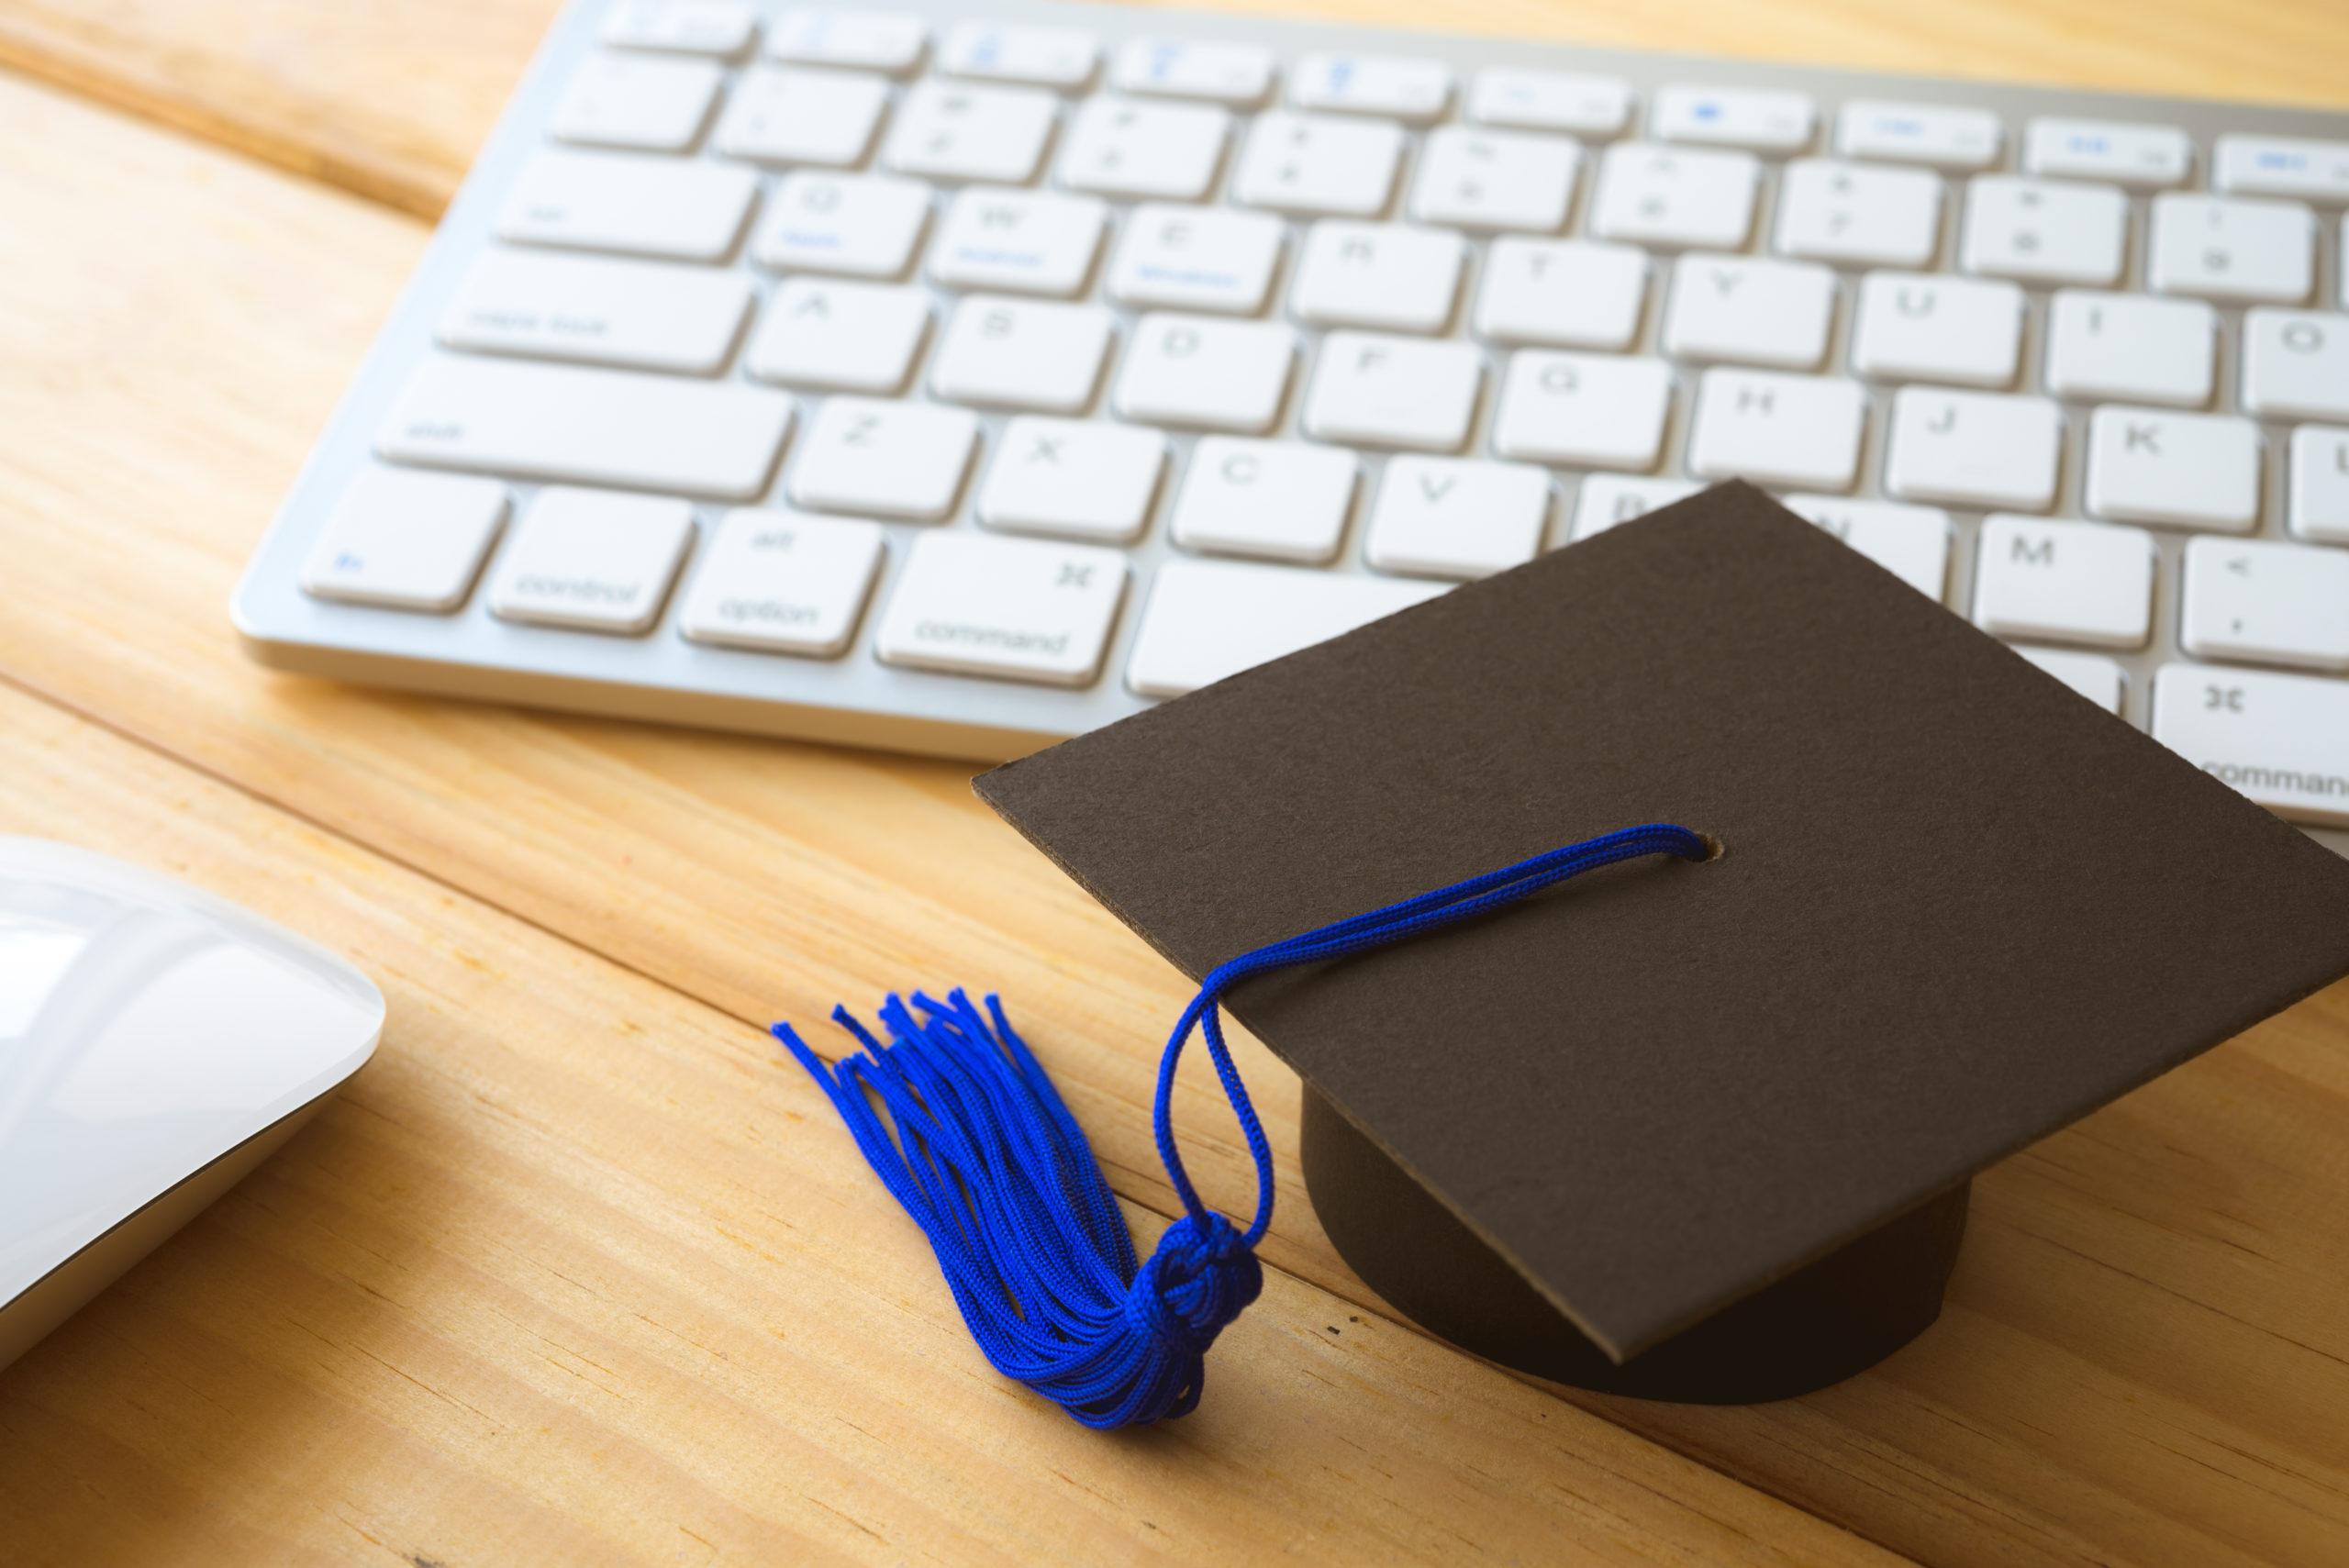 graducate-cap-on-keyboard-mouse-elearning-1051986260